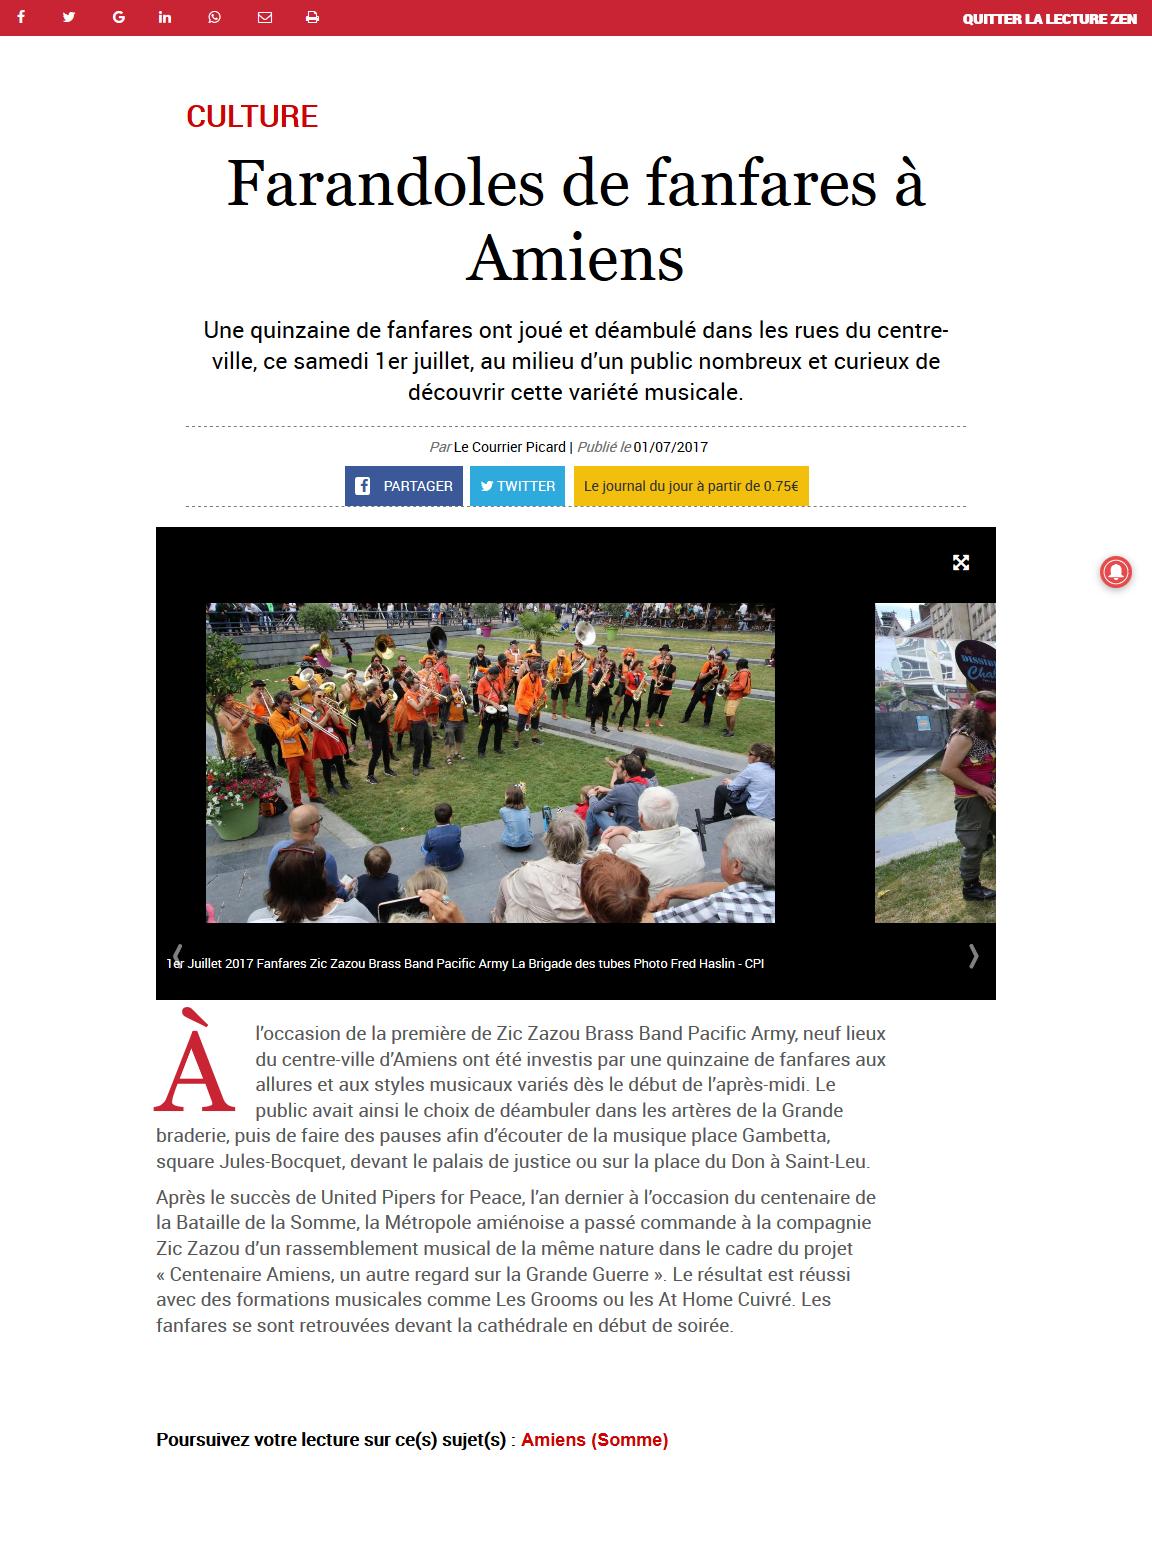 170701 - Le Courrier Picard - Farandoles de fanfares à Amiens